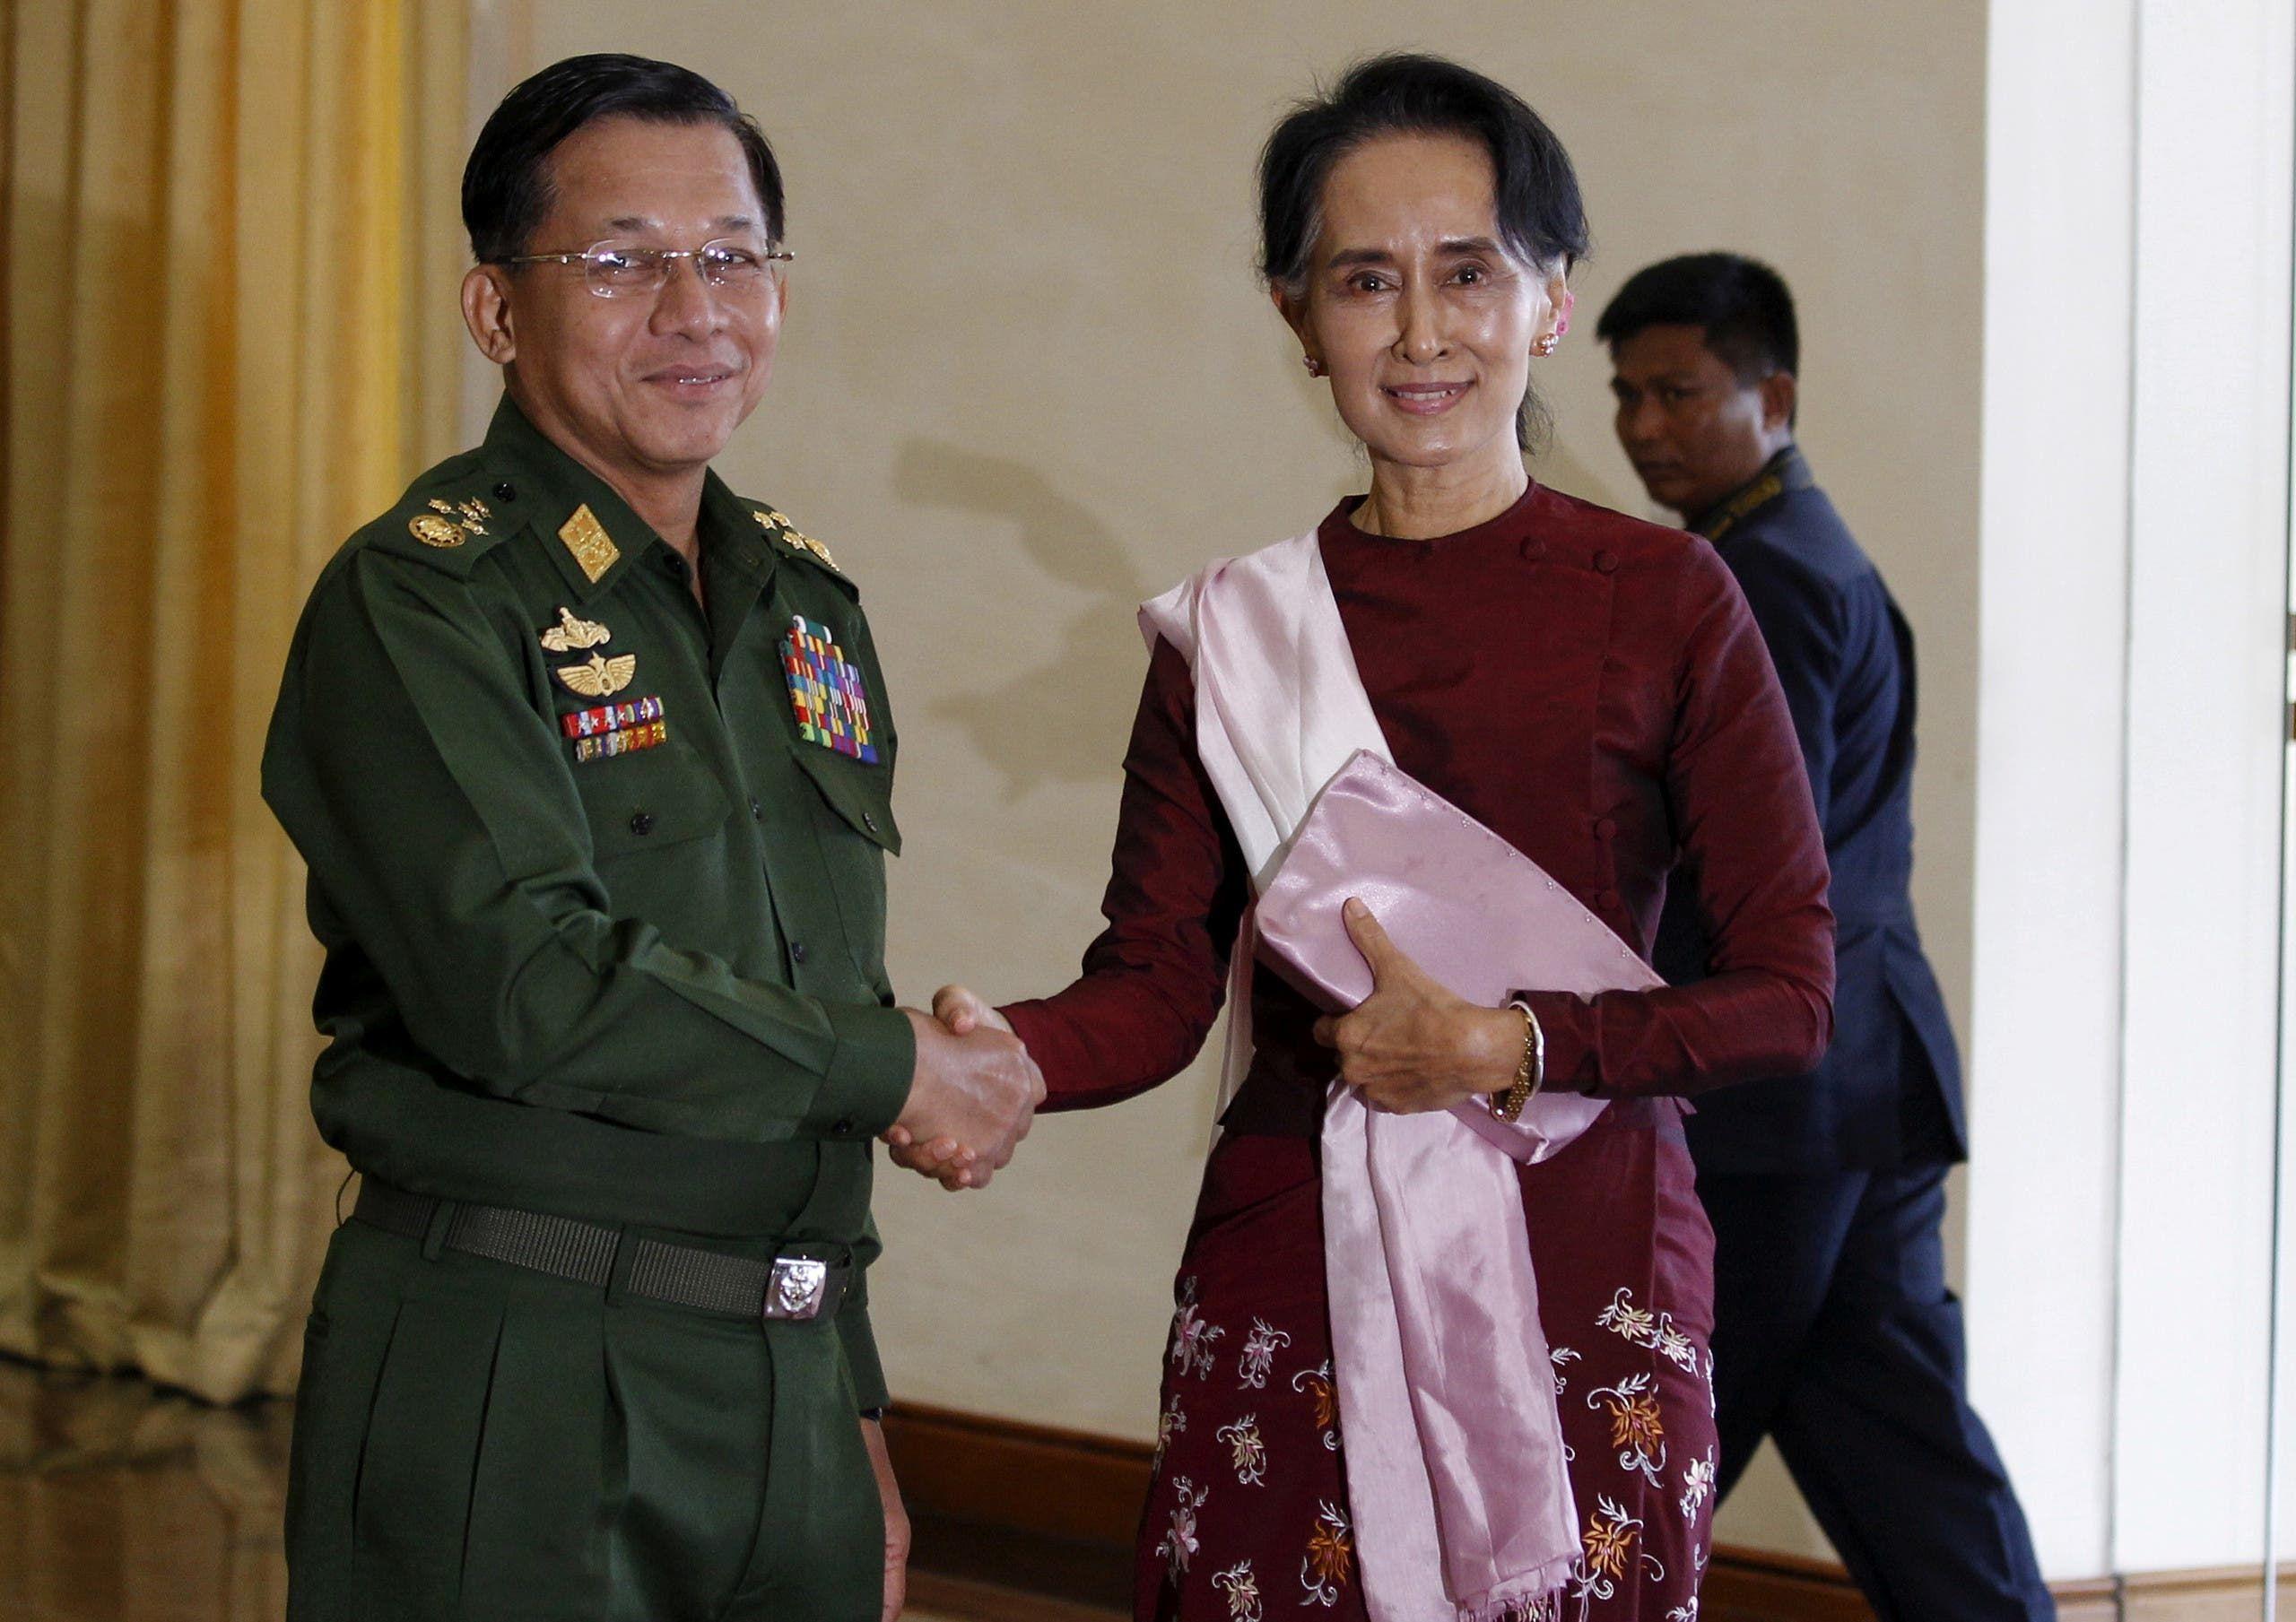 أونغ سان سوكي مع الجنرال مين أونغ هلاينغ في ديسمبر 2015